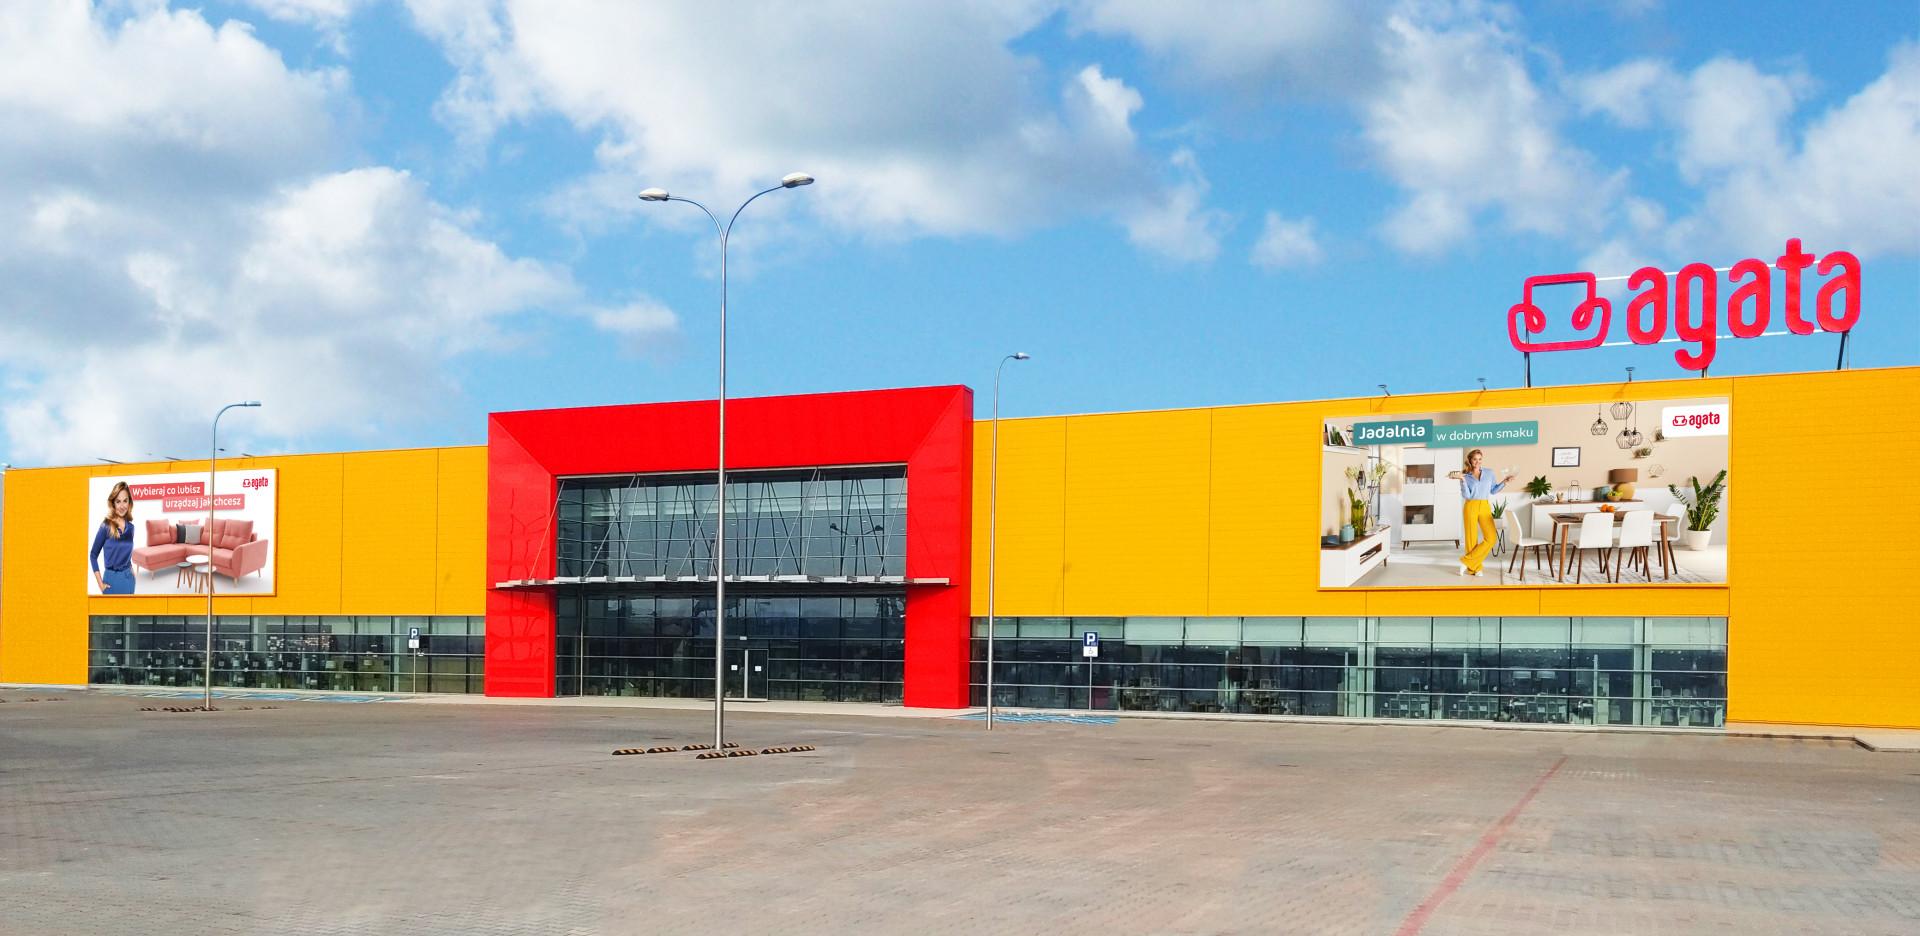 22 listopada 2019 r. sieć salonów meblowych Agata w Polsce powiększyła się o dwudziestu ósmy sklep. To jeden z największych pod względem powierzchni salonów tej marki w Polsce.